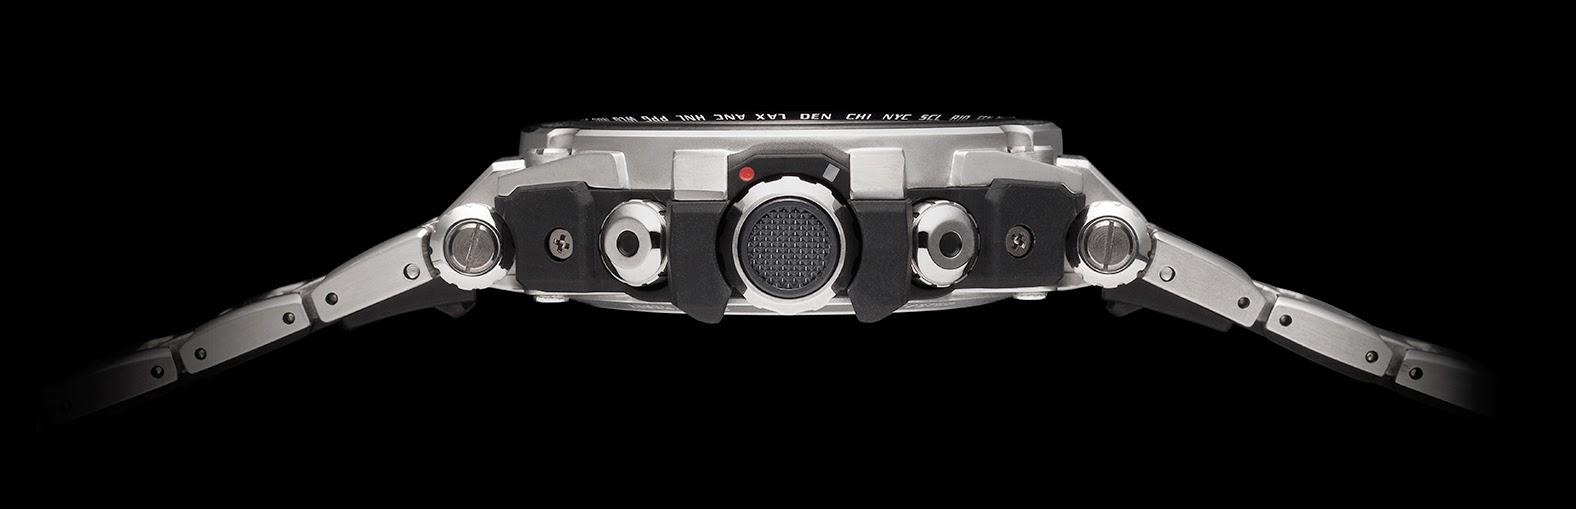 Casio G-Shock MT-G1